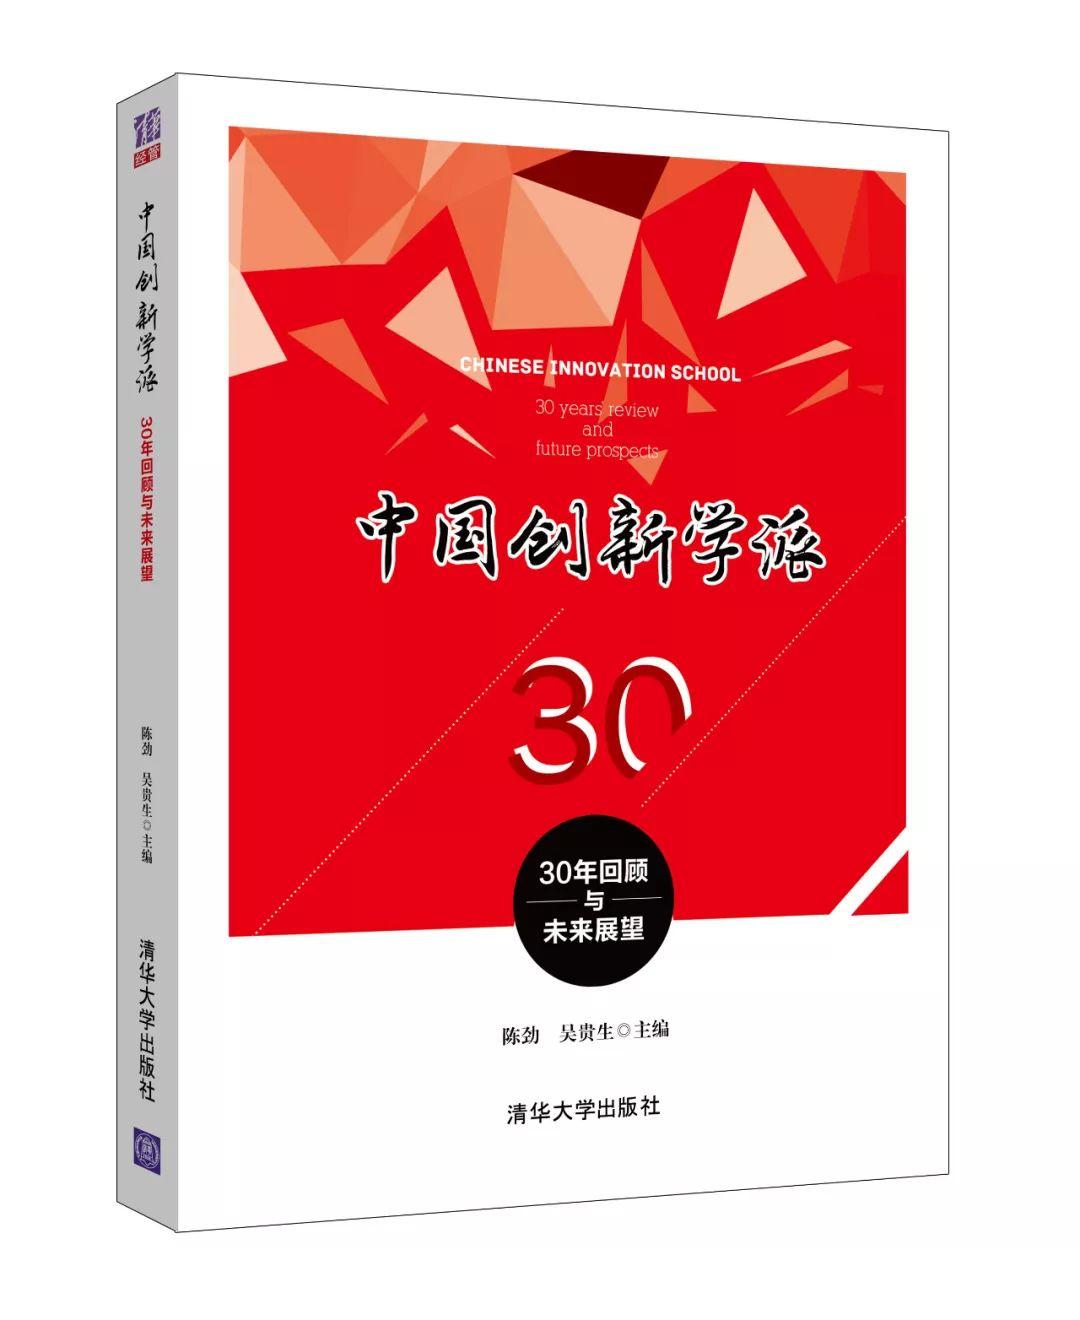 陈劲 : 中国创新学派的最好时代 | 清华经管EMBA名师